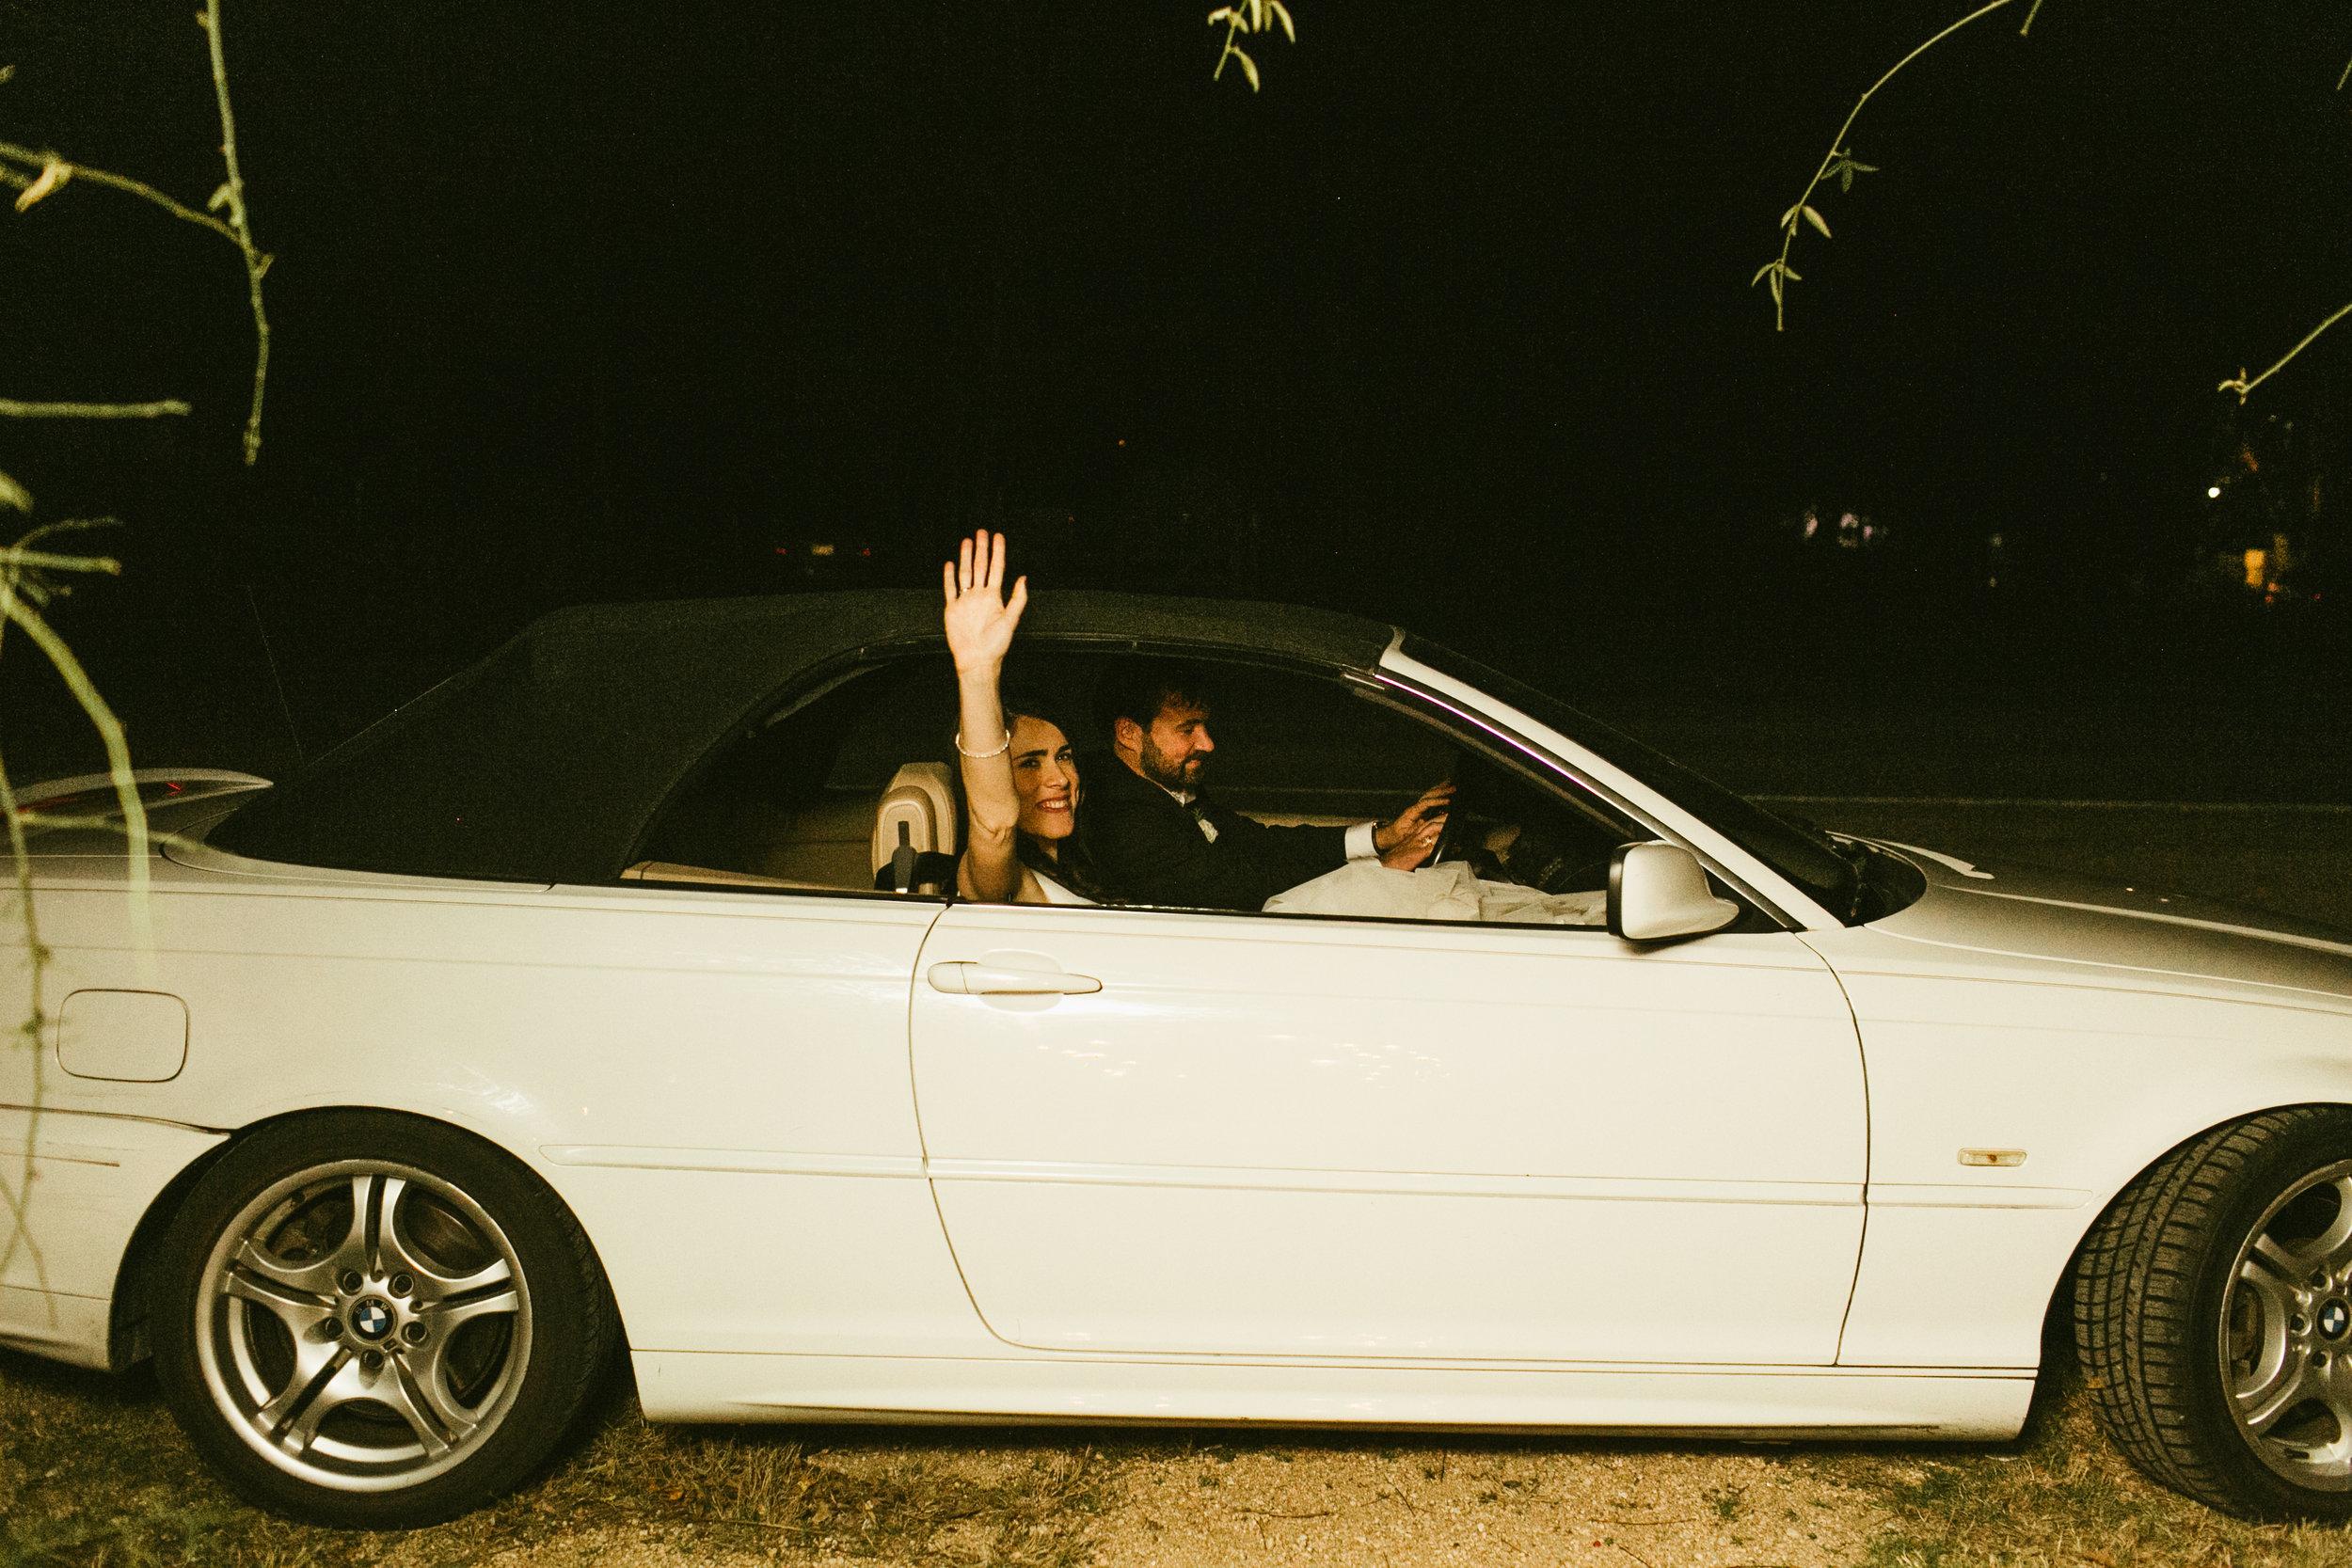 Getaway car, courtesy of my Dad.